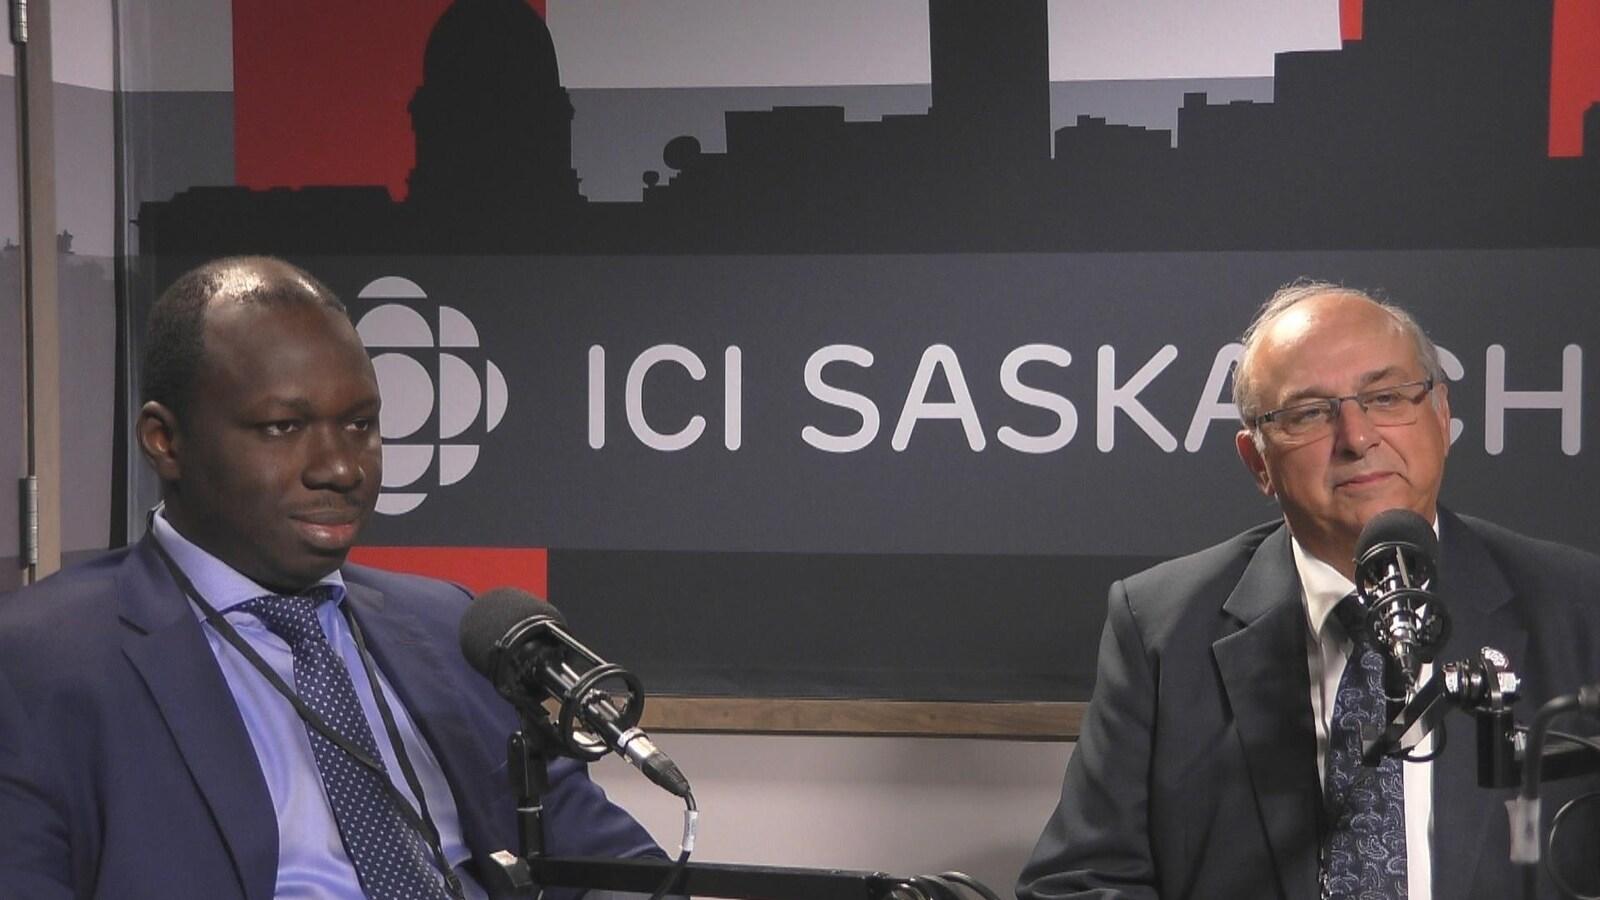 Deux hommes, en costume cravate, assis derrière des micros avec en arrière-plan une affiche d'ICI Saskatchewan.